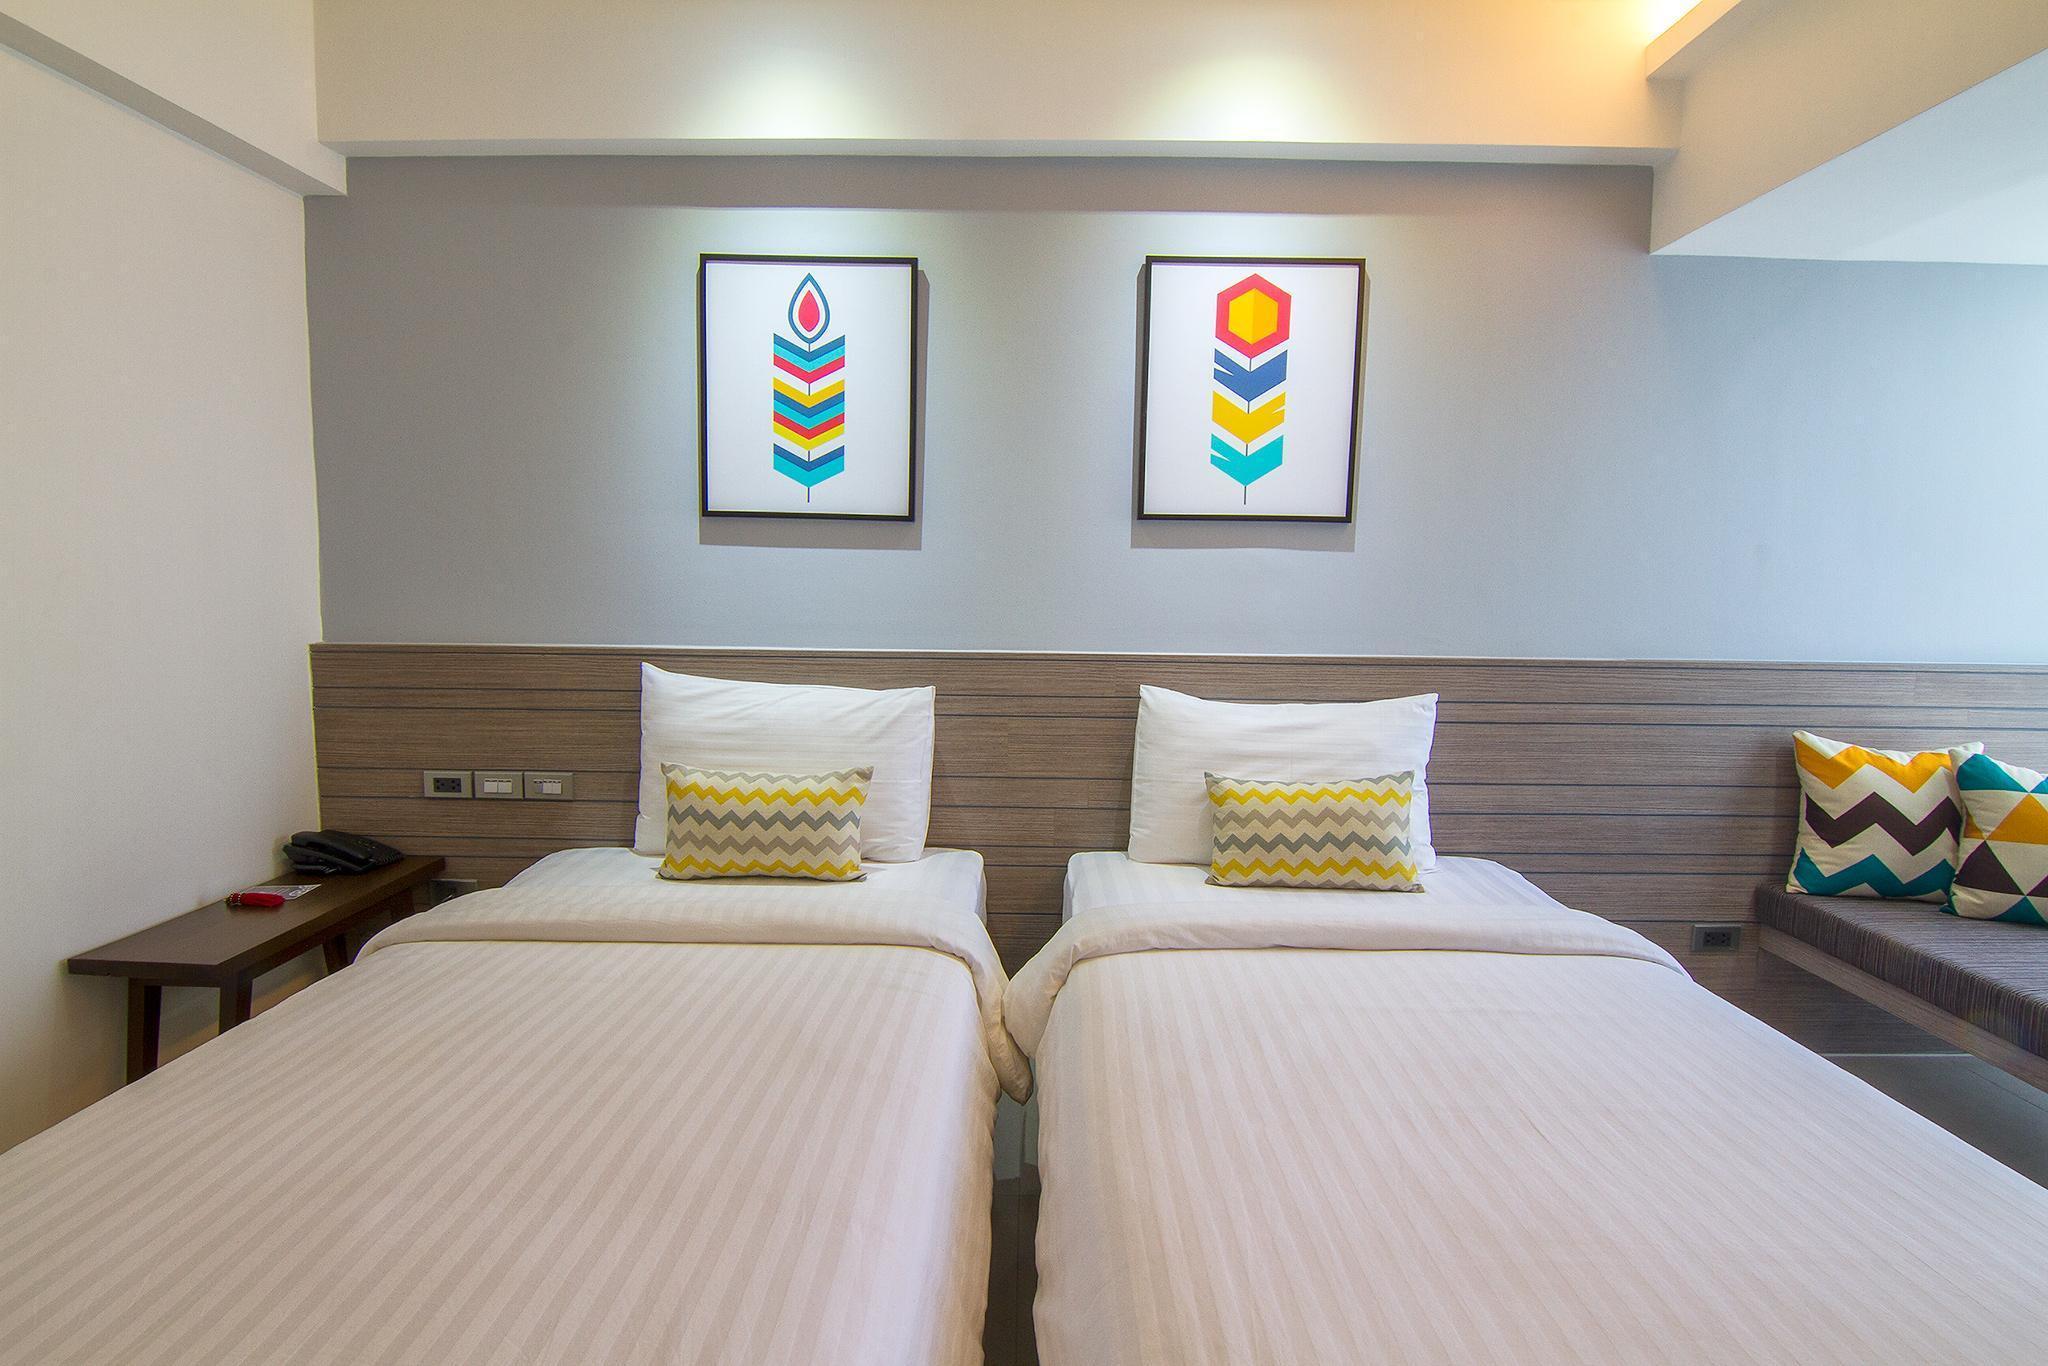 Modern 26 sqm Bossotel ChiangMai FREE BIKES RENTAL อพาร์ตเมนต์ 1 ห้องนอน 1 ห้องน้ำส่วนตัว ขนาด 26 ตร.ม. – เจริญเมือง